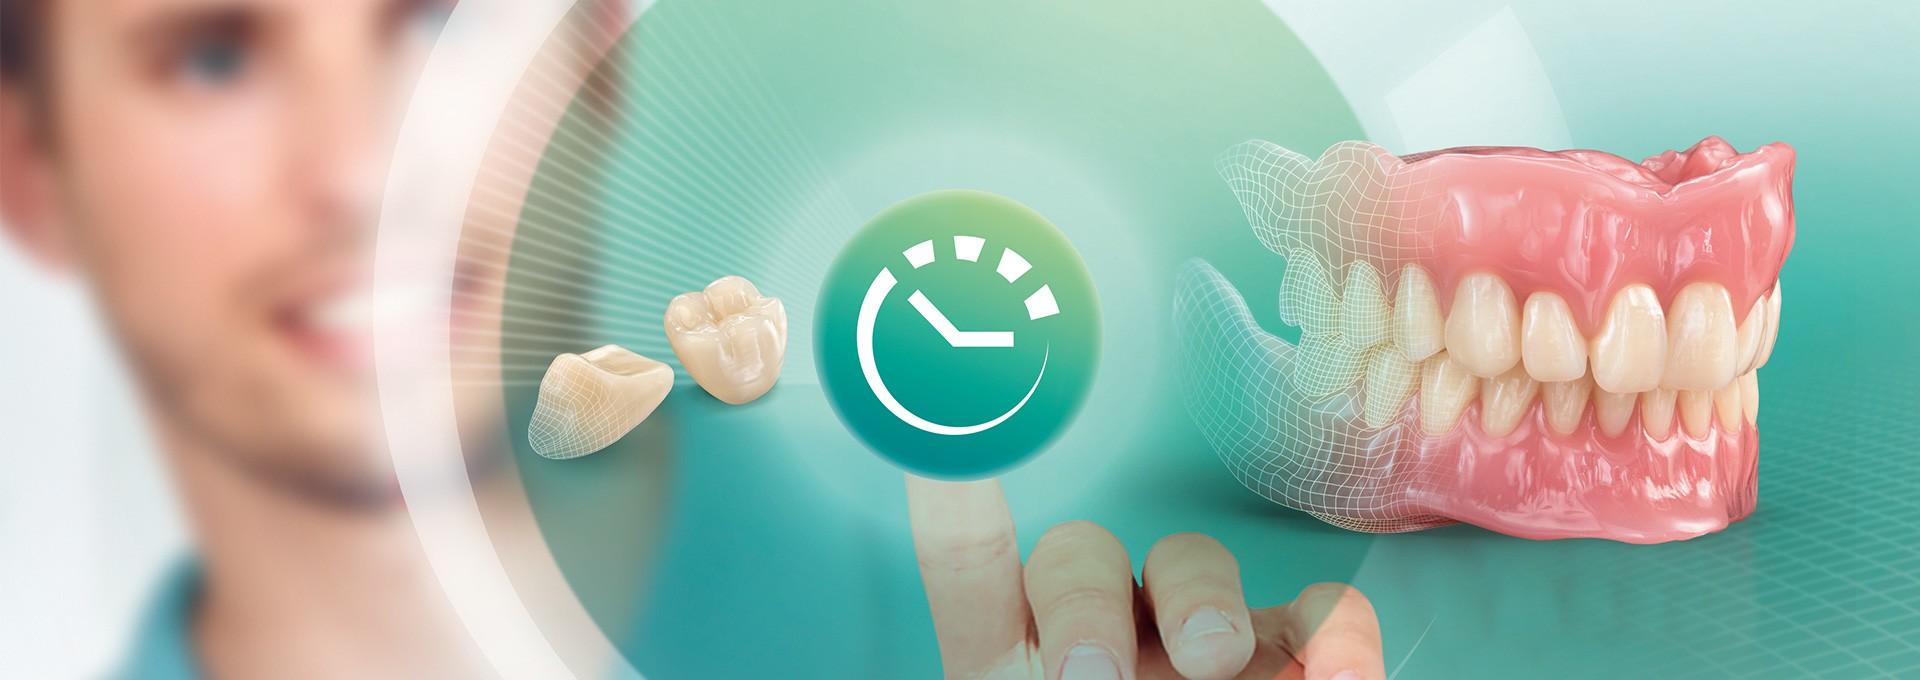 Mit präfabrizierten Zähnen wird per Knopfdruck eine ästhetische digitale Prothese hergestellt